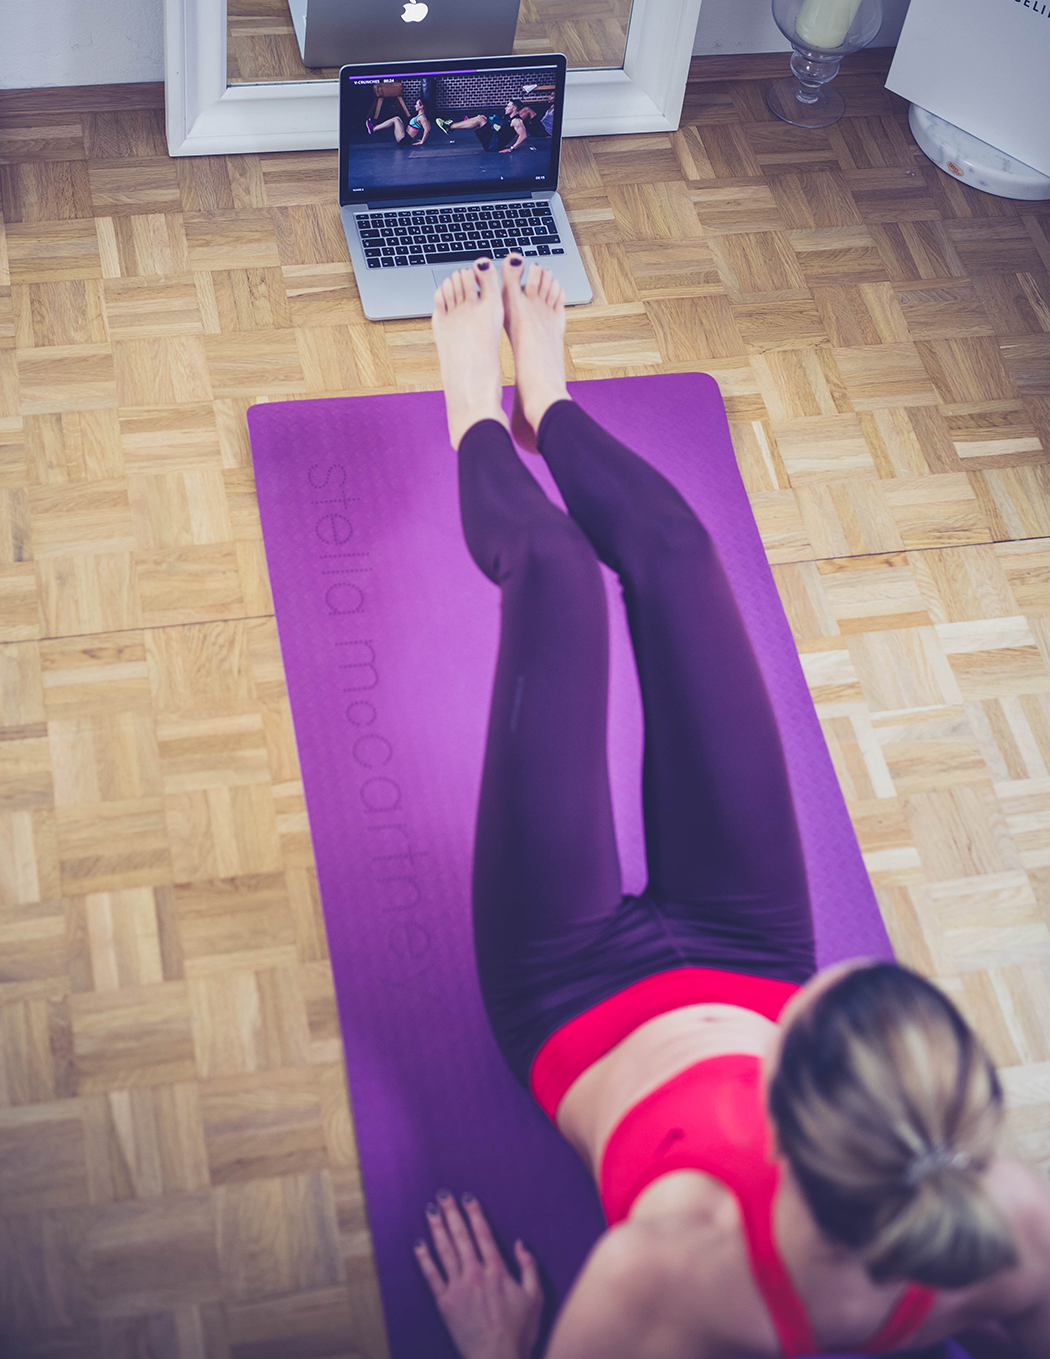 Fitnessblog-Fitnessblogger-Fitness-Blog-Blogger-Gymondo-Testbericht-Erfahrungen-Gutschein-Code-Rabatt-Lindarella-4-web